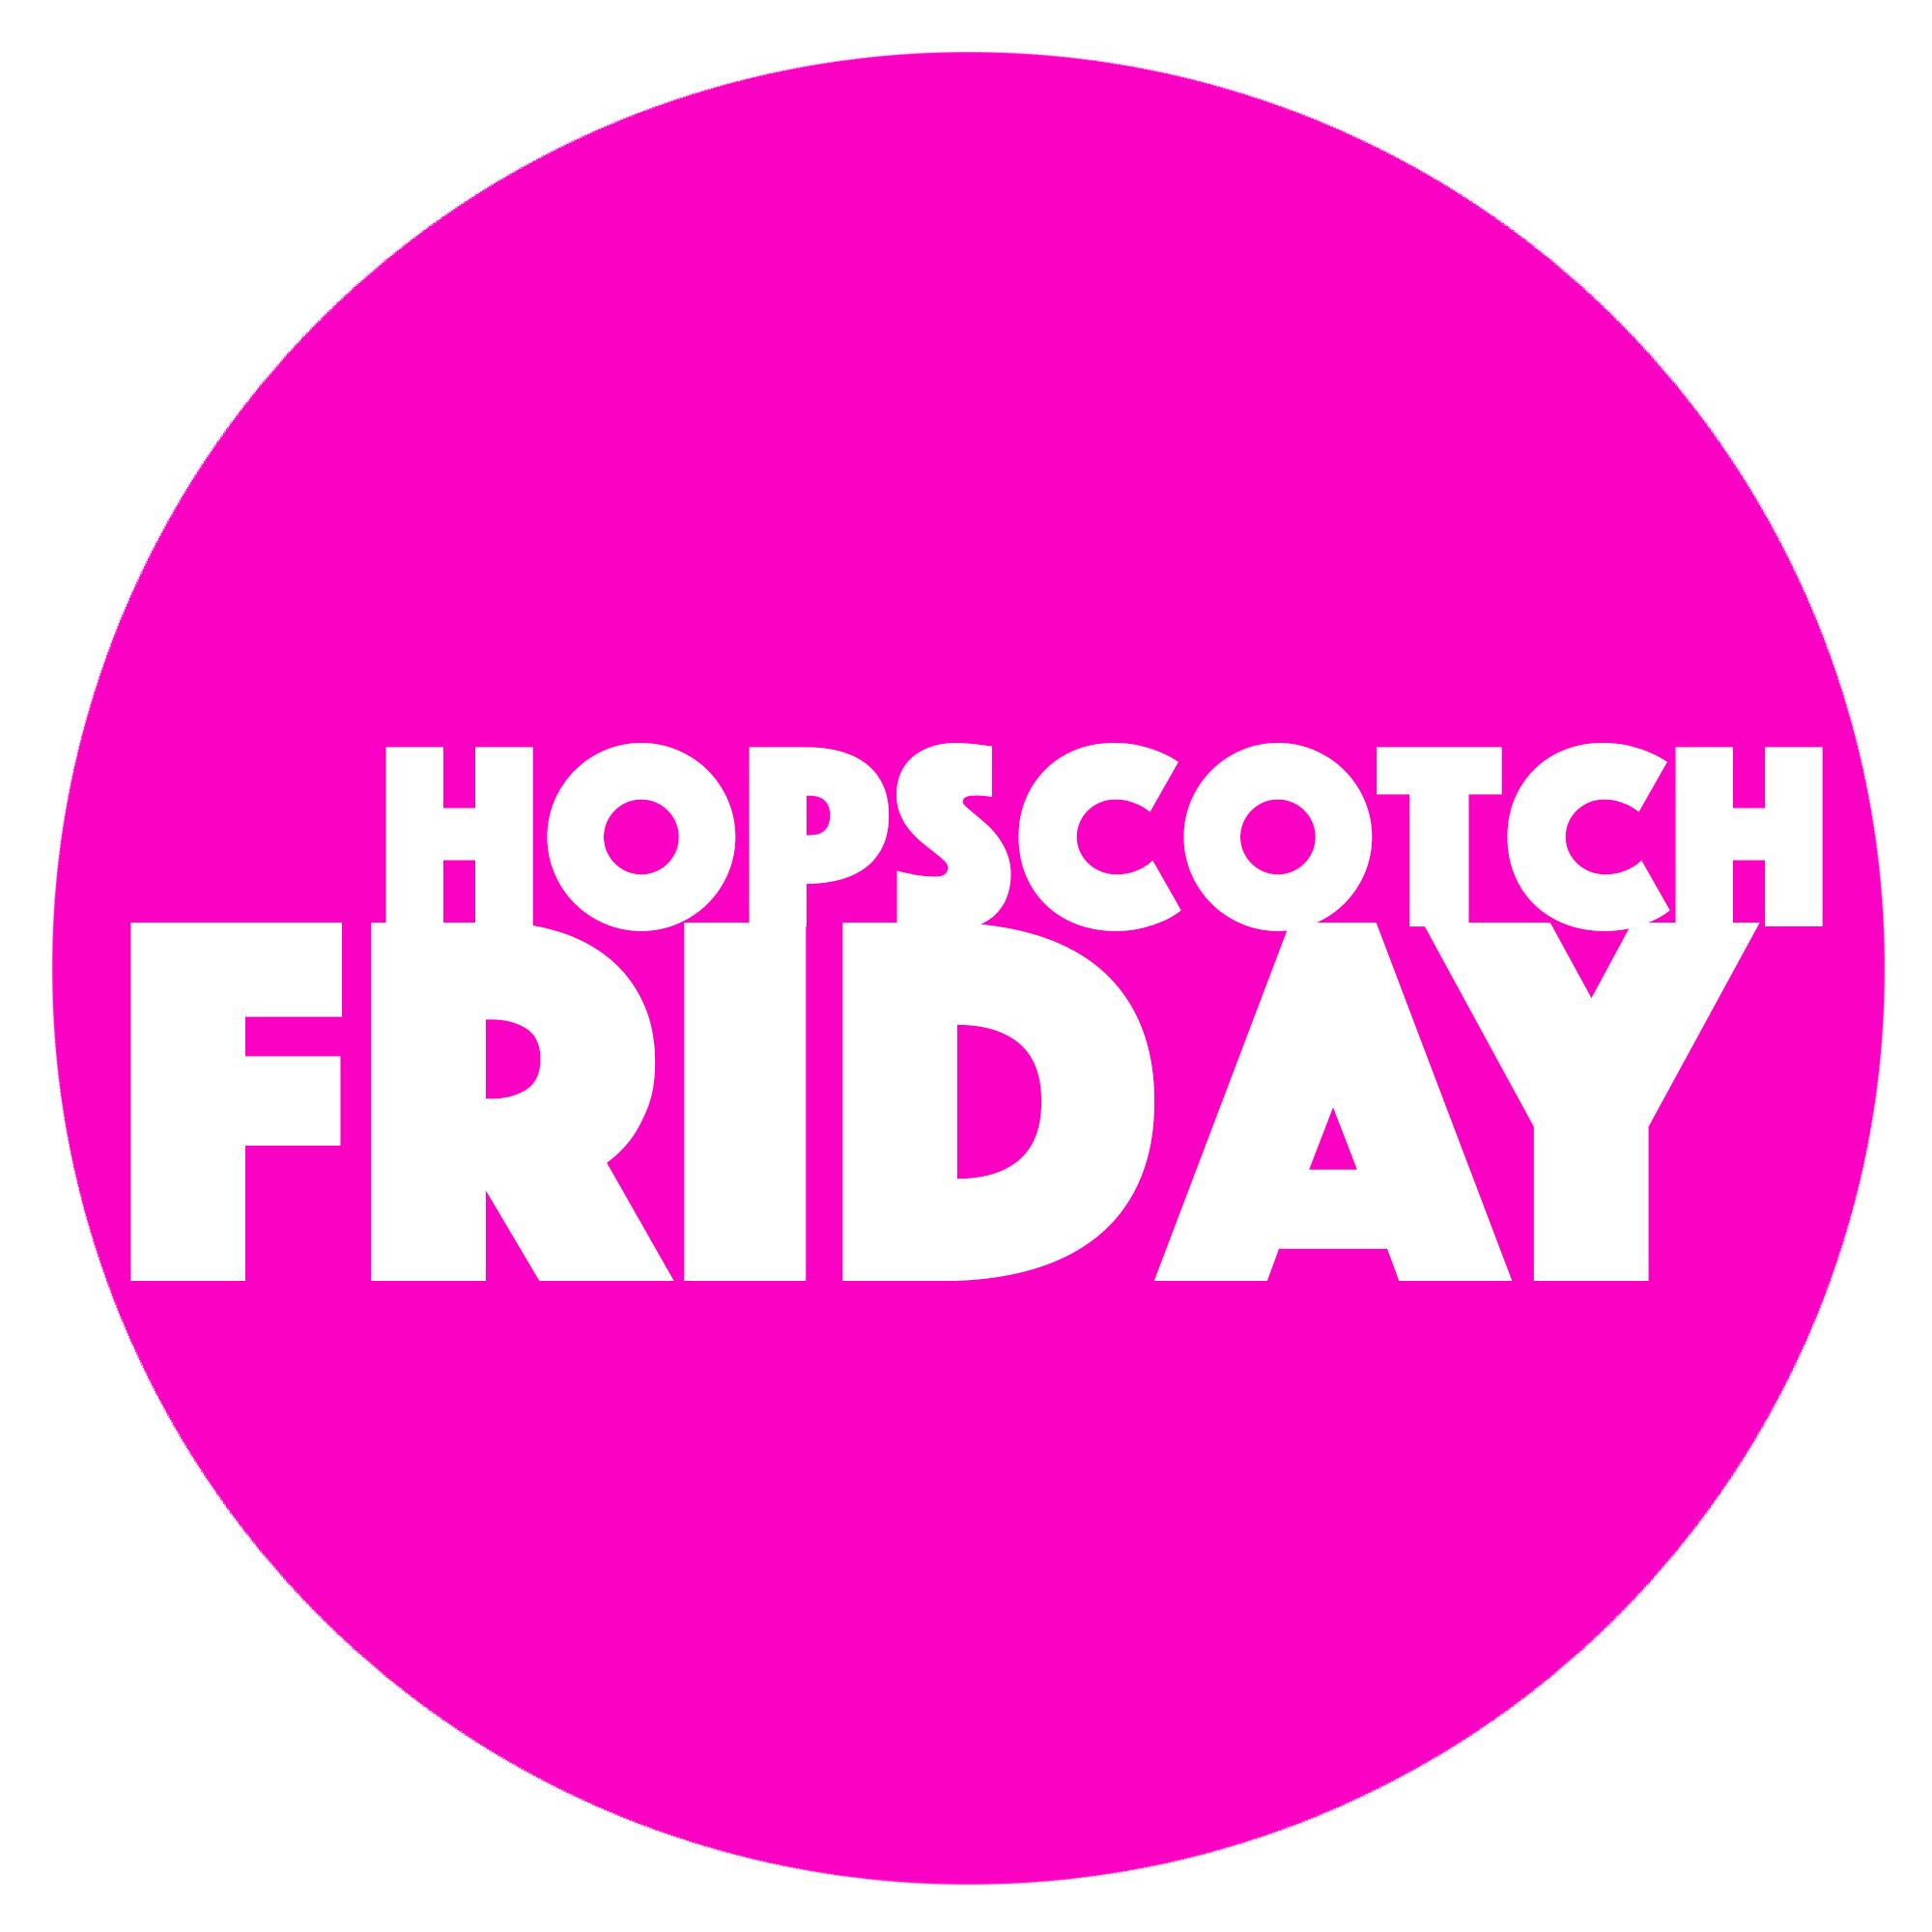 The Hopscotch Friday Podcast logo